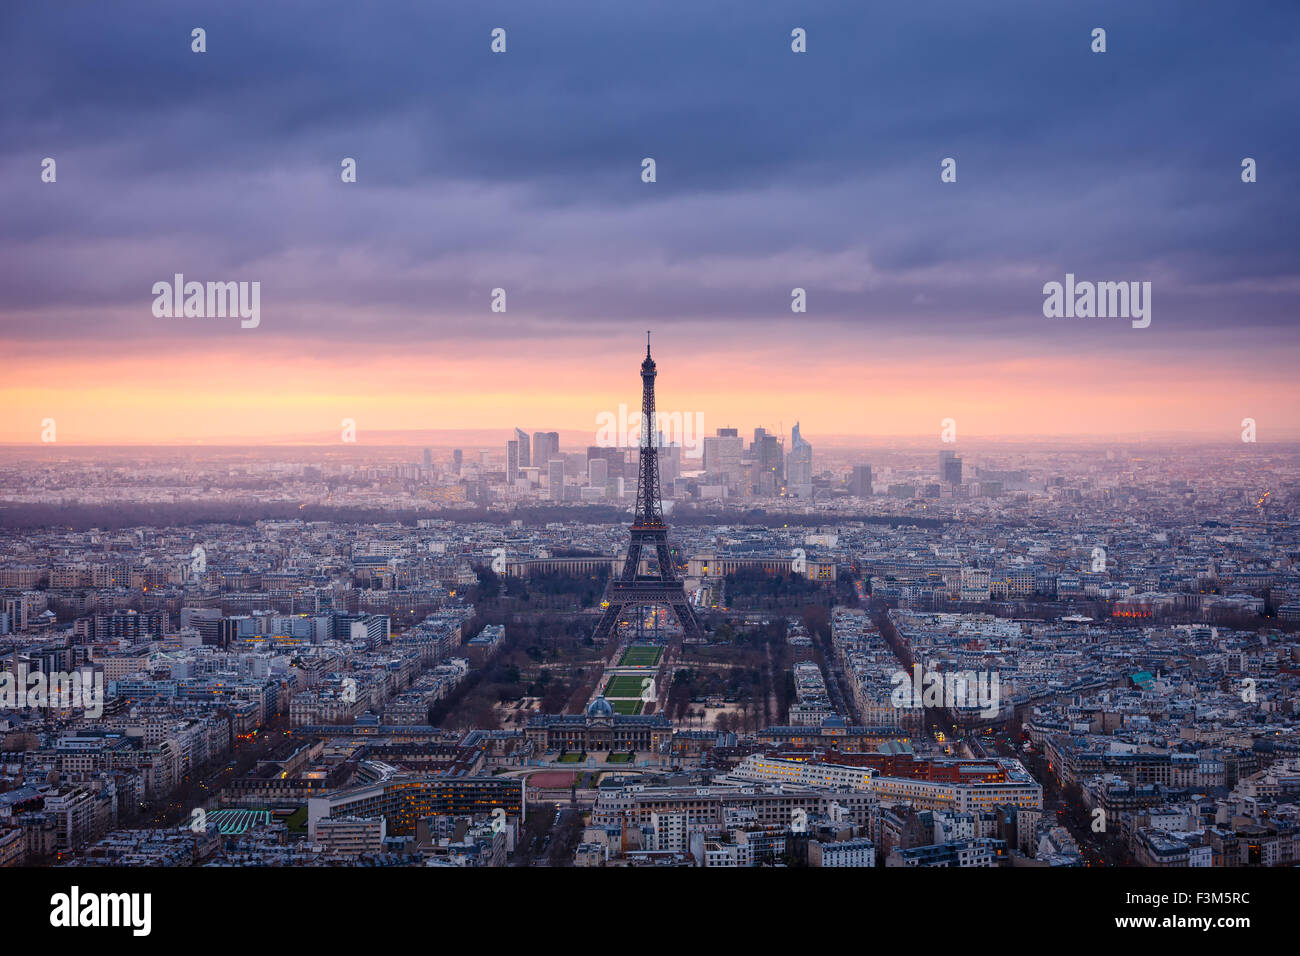 Parigi cityscape placcati in rosa al tramonto. Vista aerea di Parigi e la Torre Eiffel, Champ de Mars, il Trocadero Immagini Stock